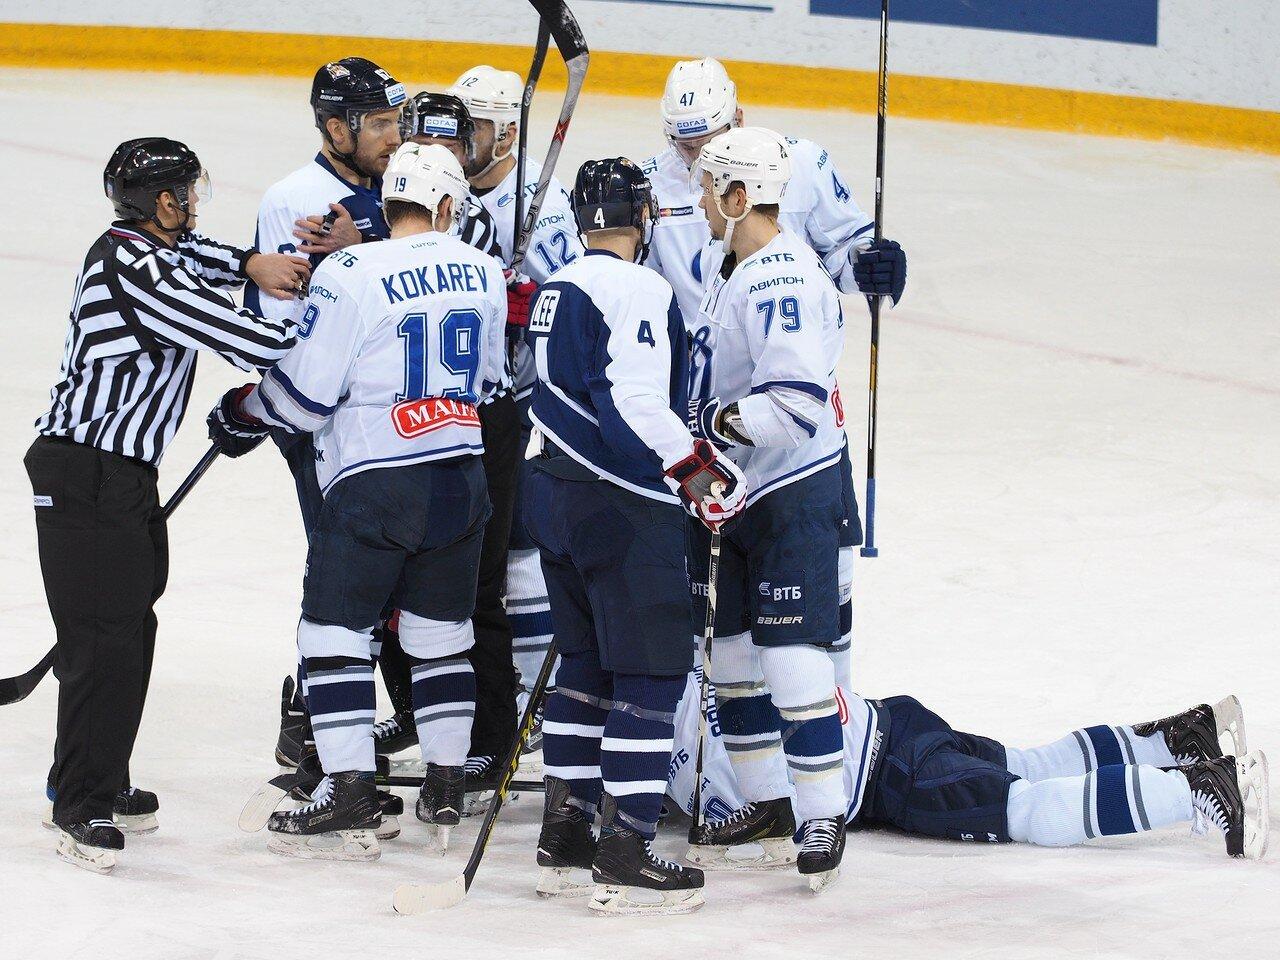 84Металлург - Динамо Москва 28.12.2015